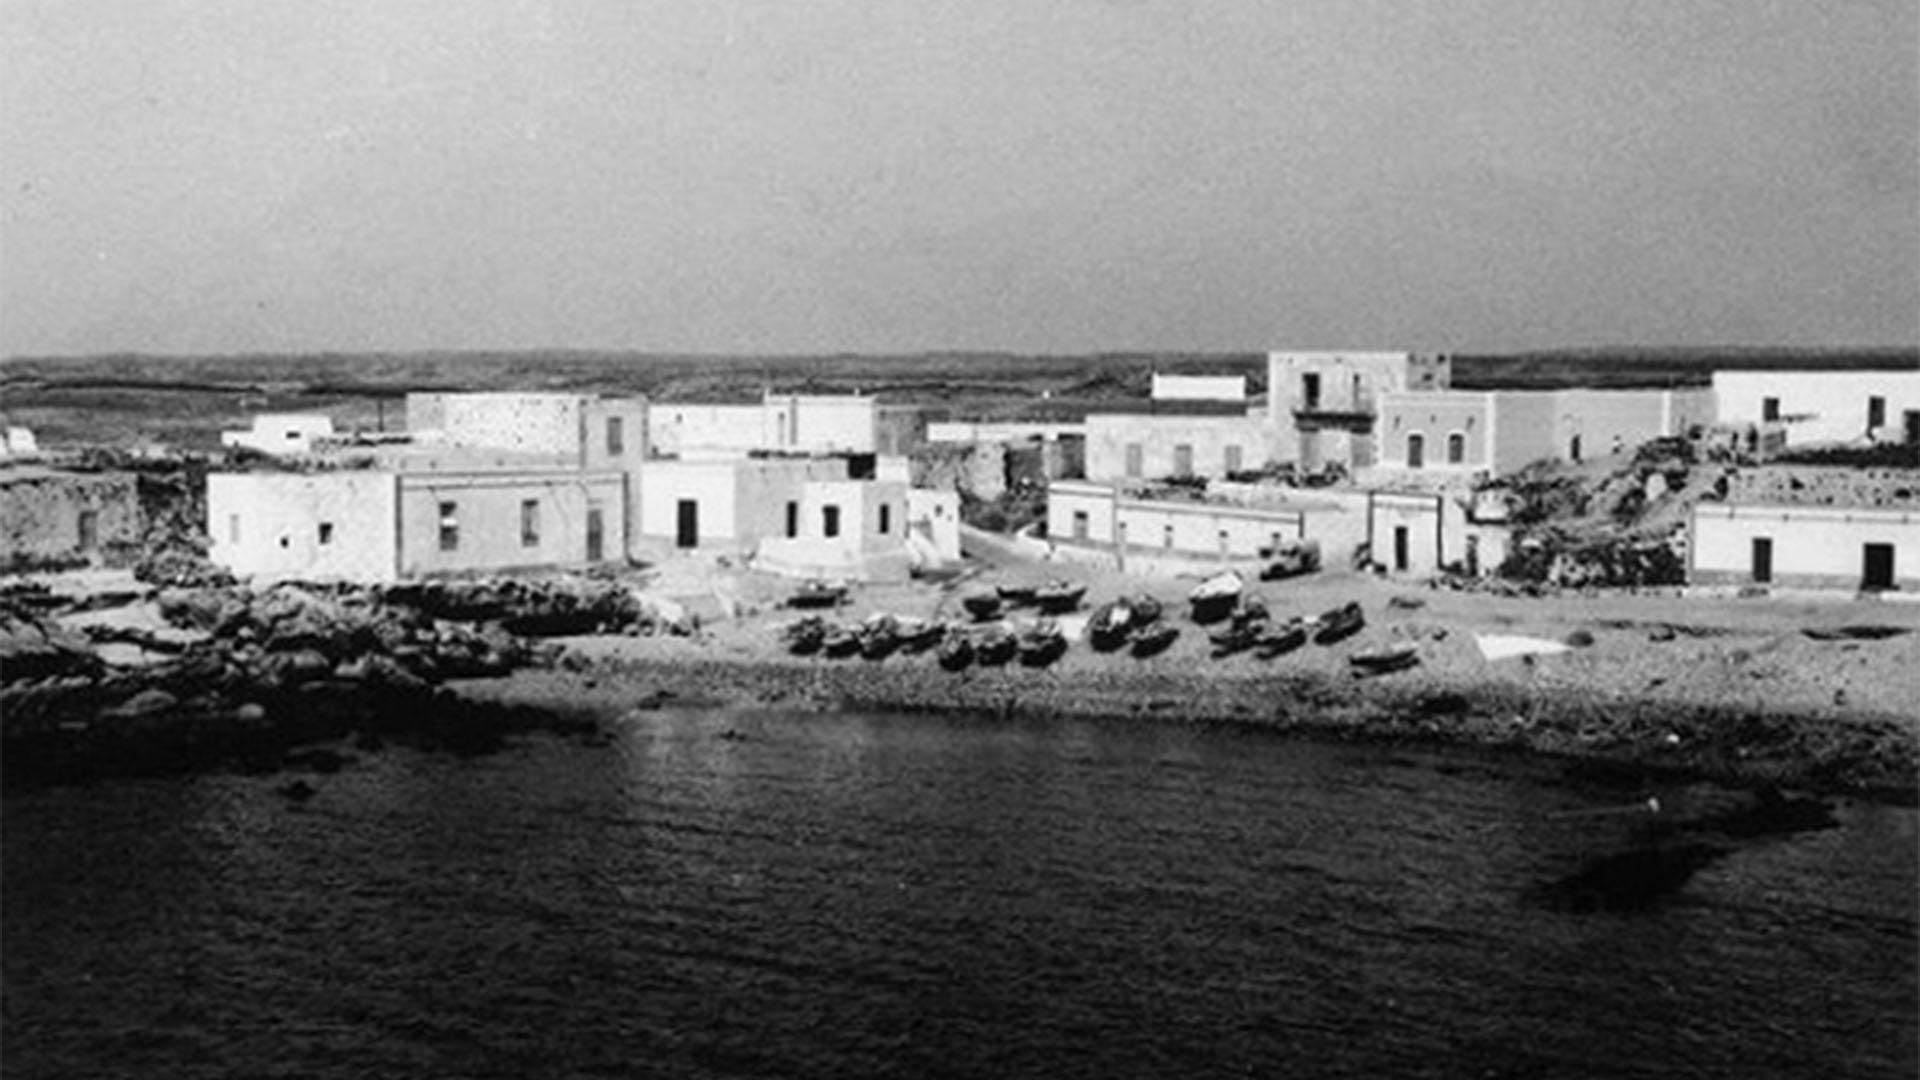 Der Ort El Cotillo Fuerteventura: El Cotillo in den 1970igern.